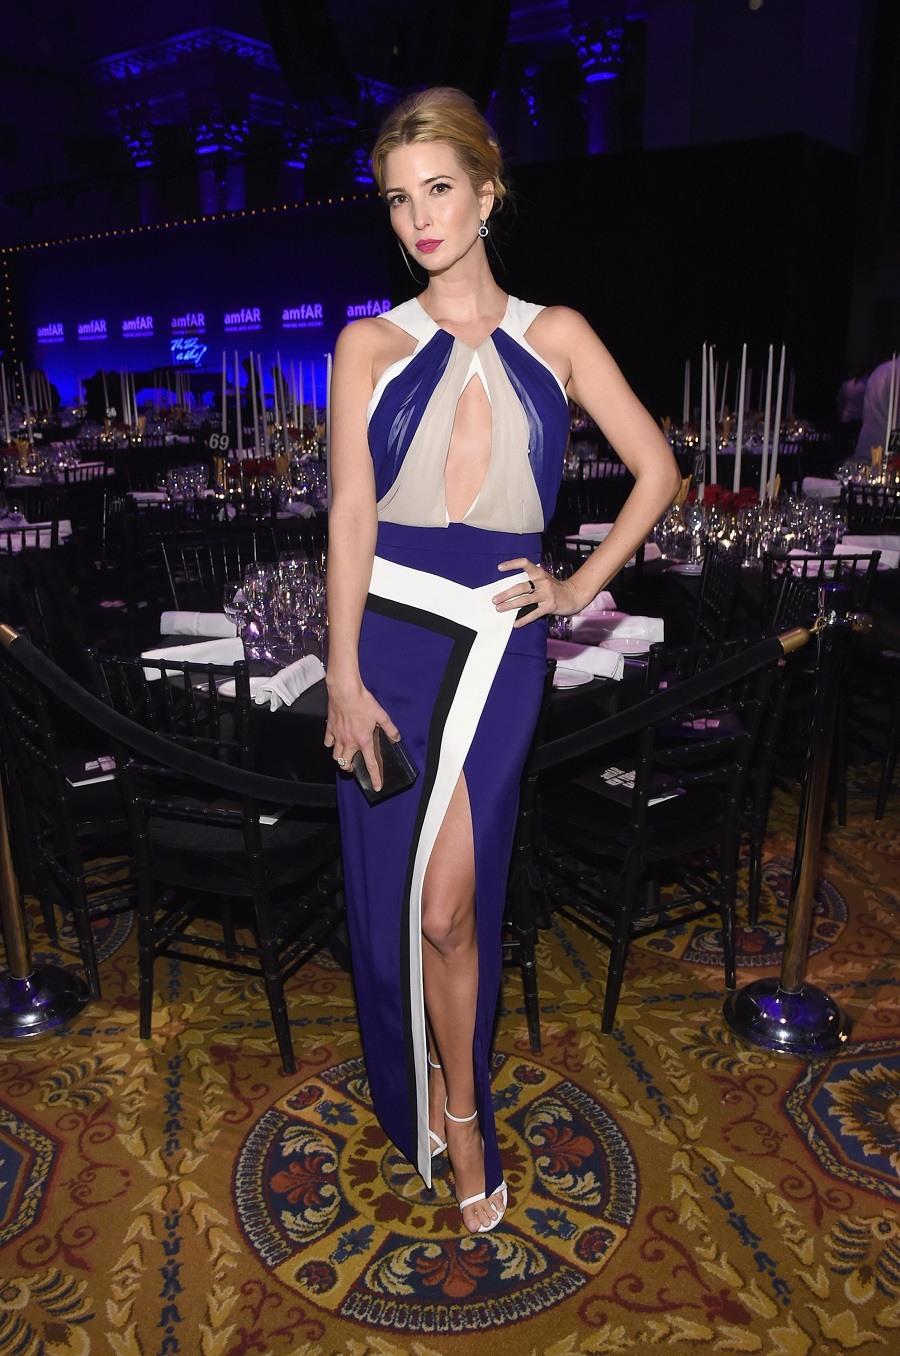 Ivanka Trump attends the 2015 amfAR New York Gala at Cipriani Wall Street